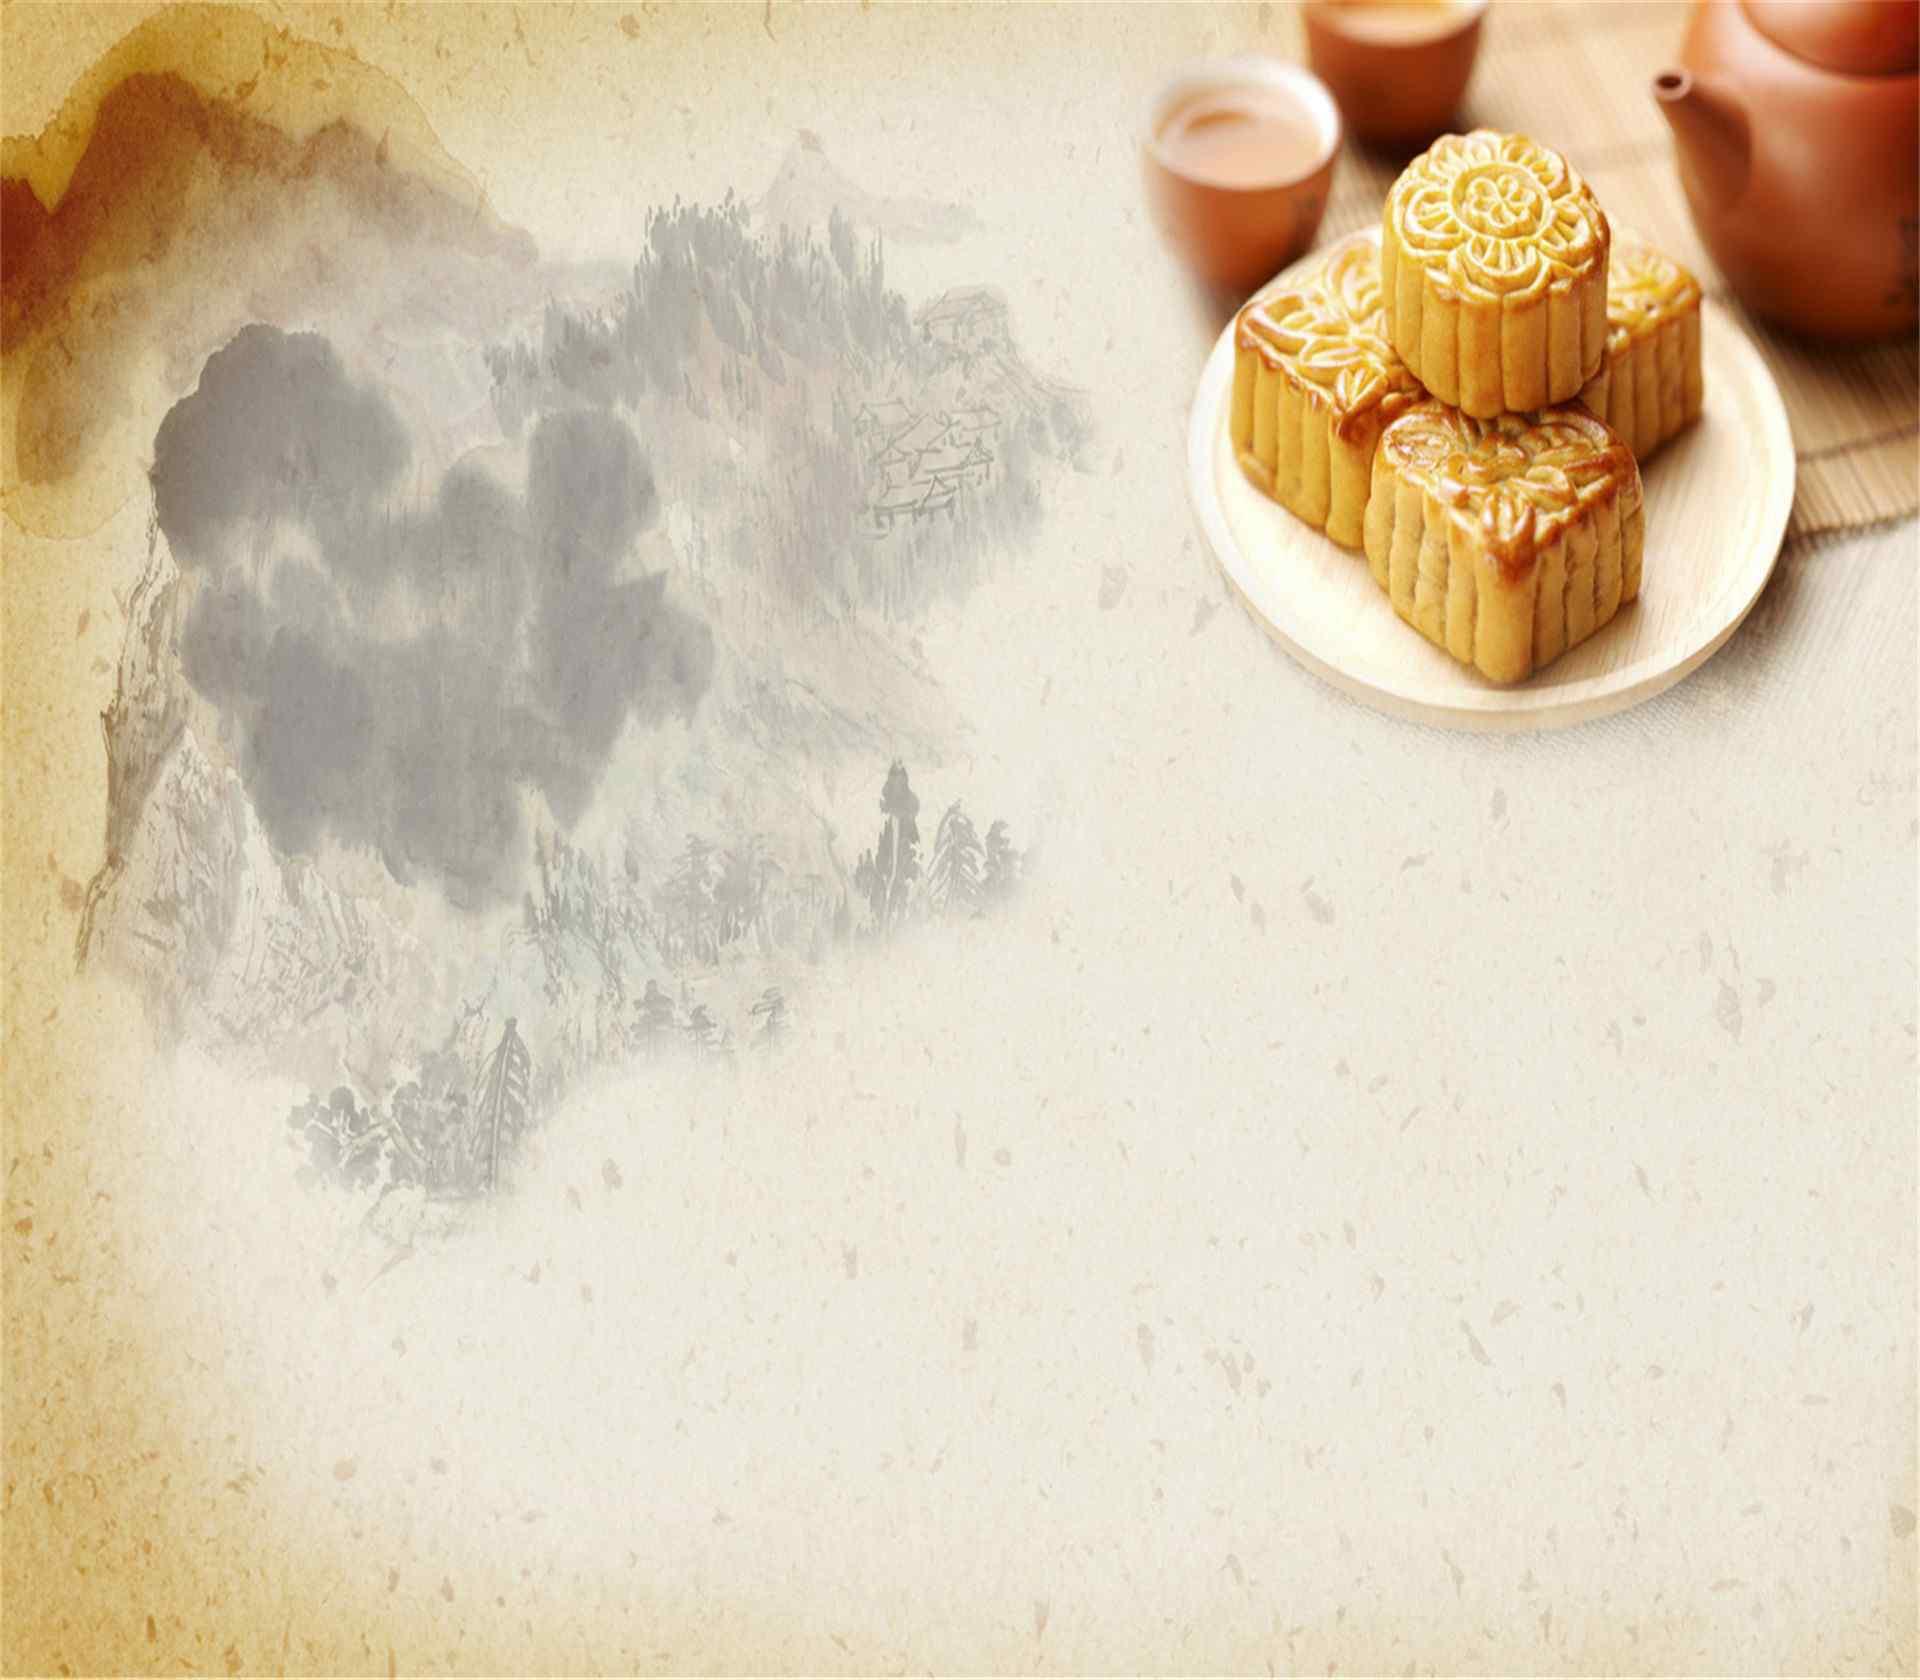 中秋节唯美节日月饼插图高清图片电脑桌面壁纸